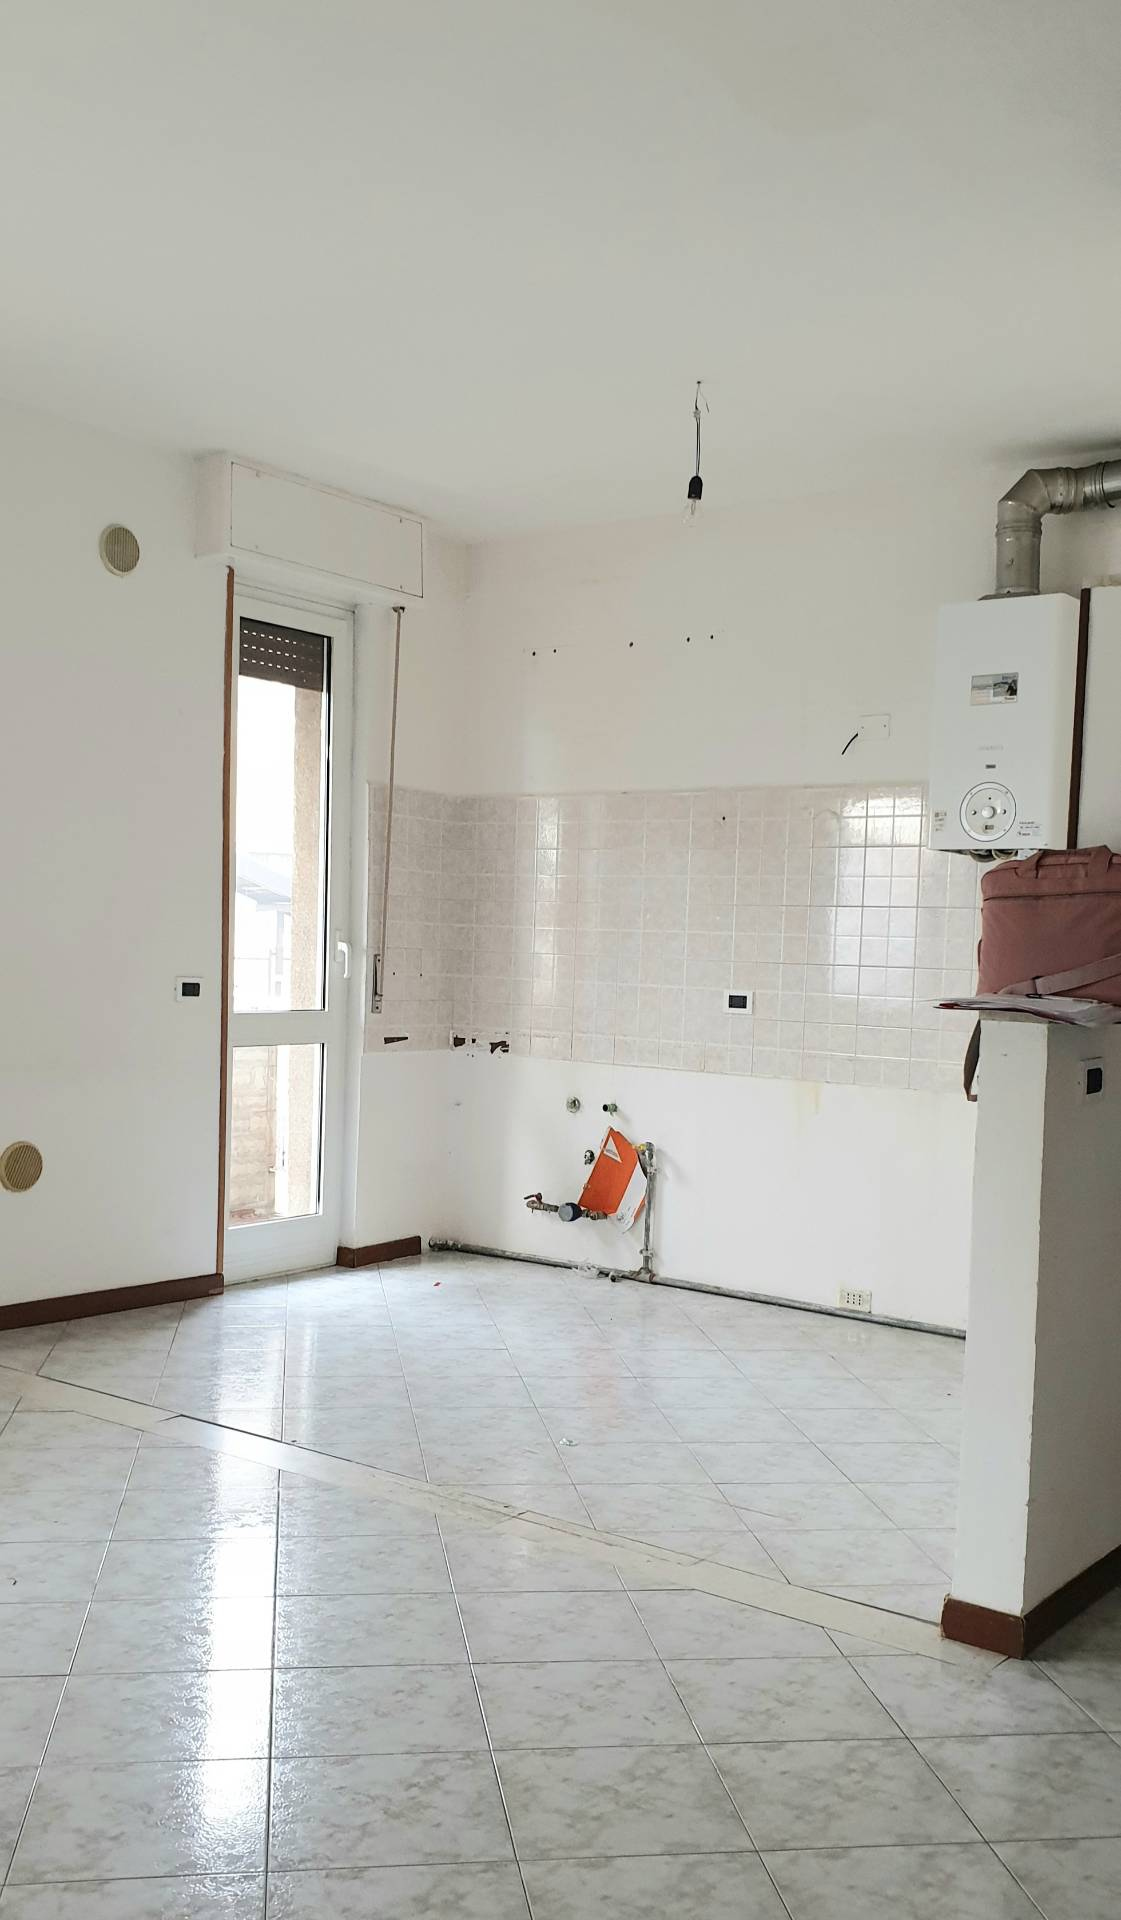 Immobiliare Sant Andrea Concorezzo appartamenti in vendita a capriate san gervasio in zona